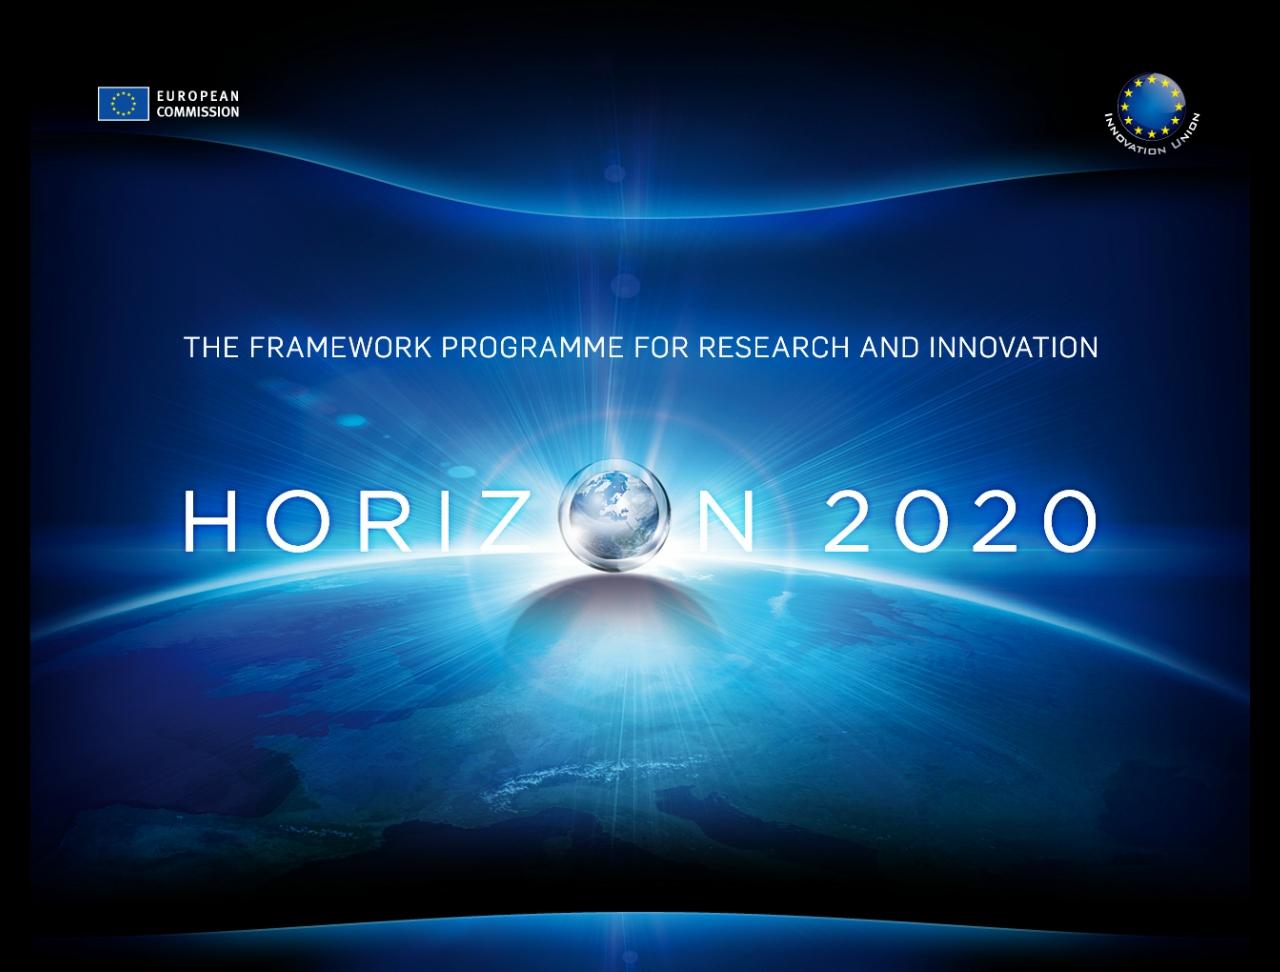 CURSO DE FORMACION PARA INGENIEROS E INVESTIGADORES (HORIZON2020)